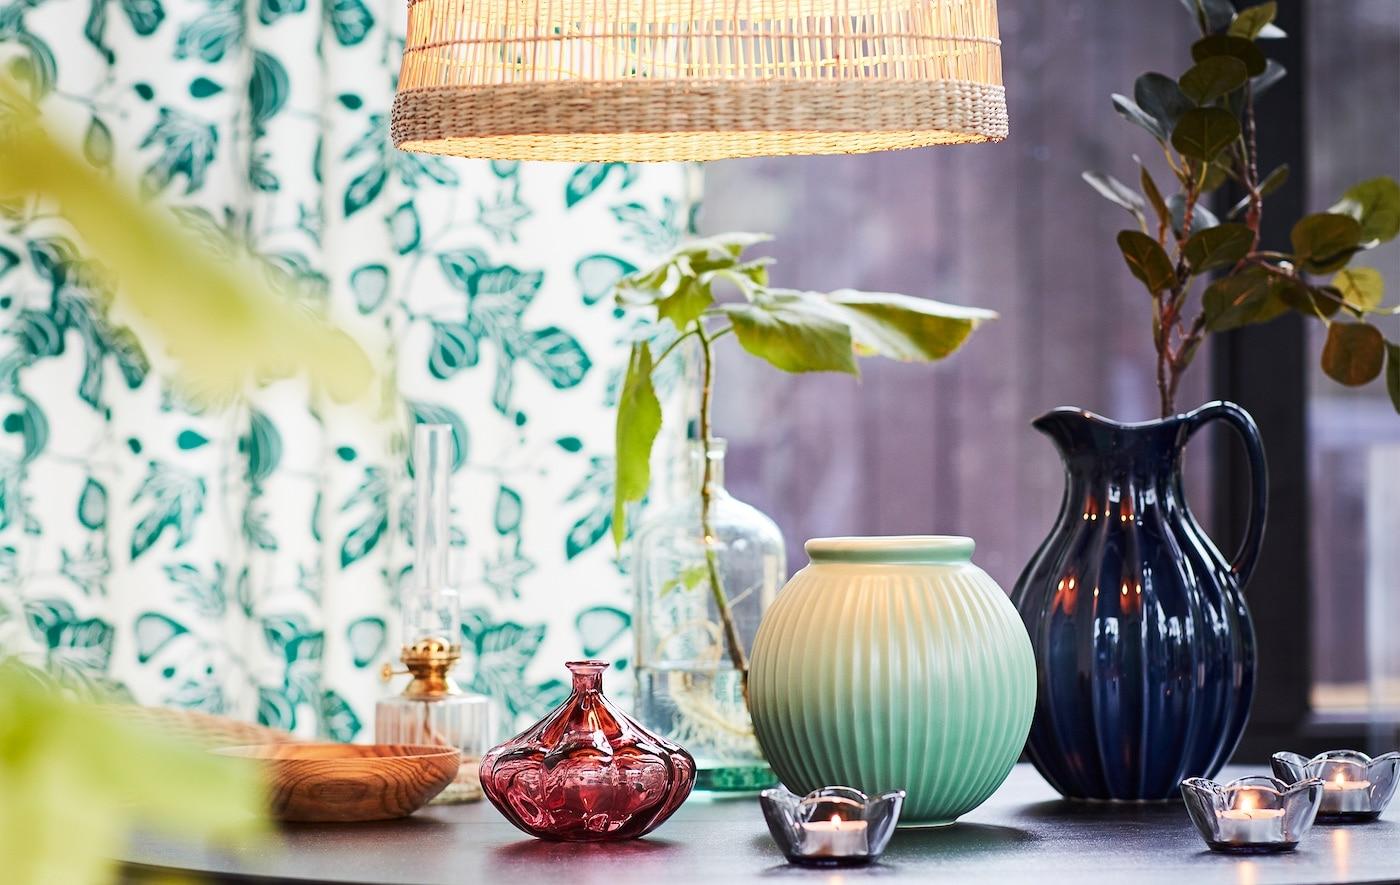 Stůl s malými vázičkami a svíčkami, ve vázách jsou zelené větvičky jako znamení přicházejícího jara